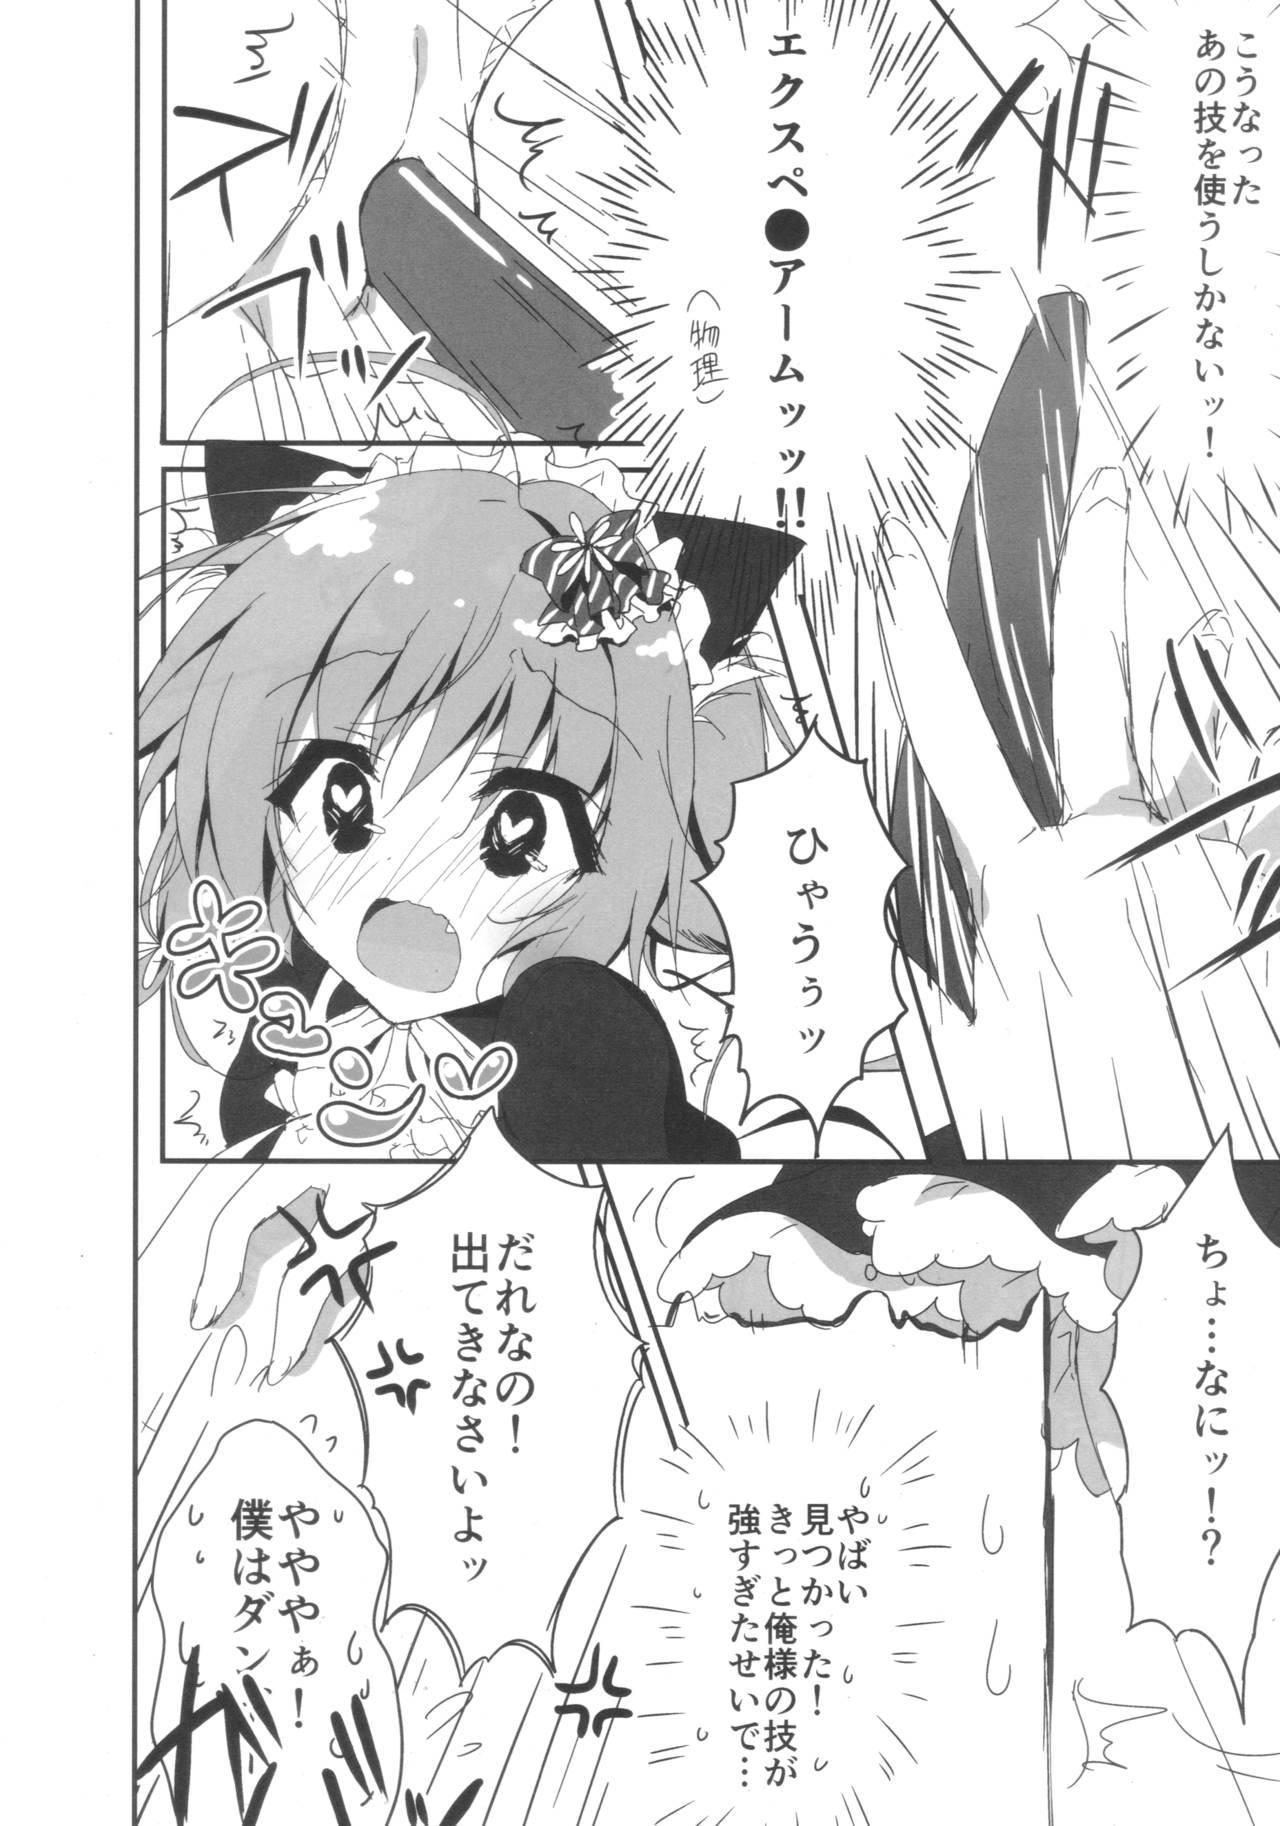 (COMIC1☆11) [Citron no mori (Yuzuna Hiyo)] Danbooru (Ani) wa Imouto Maid ni Koi o Suru! 6